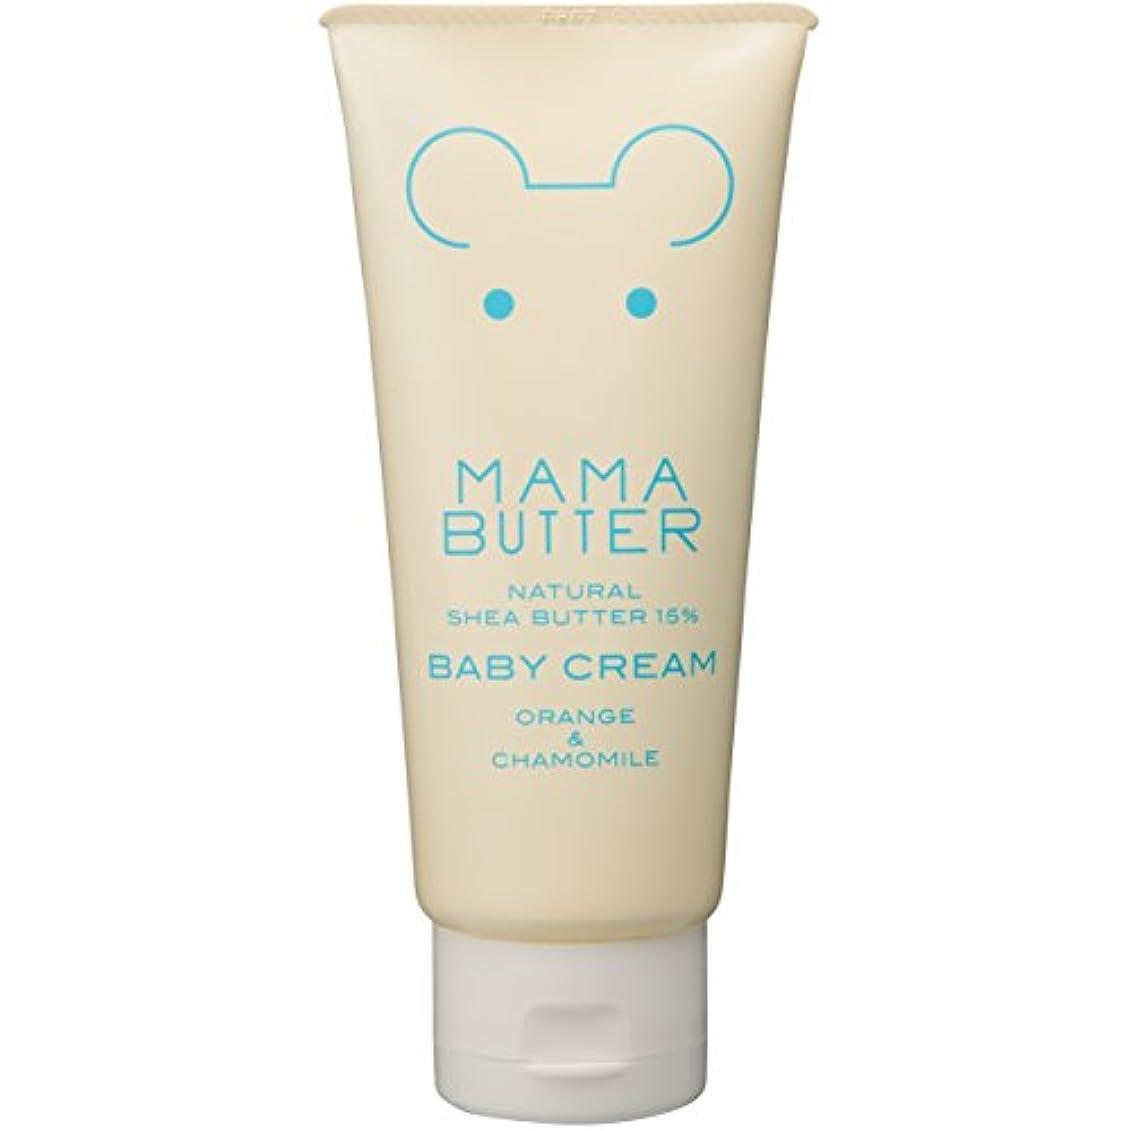 シルクに頼る肌寒いママバター ベビークリーム 天然 オレンジ&カモミールの香り 130g